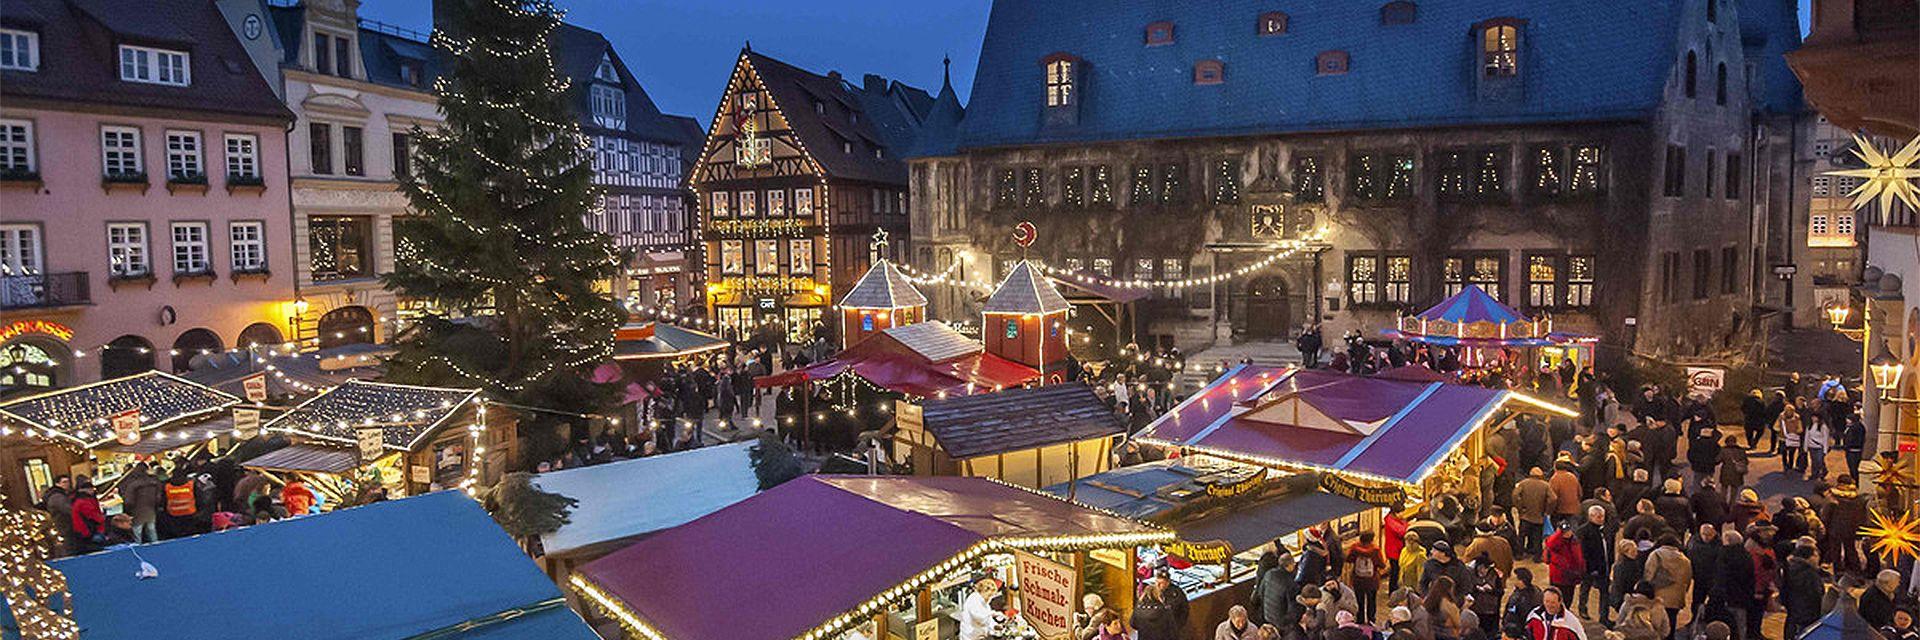 julemarked i quedlinburg